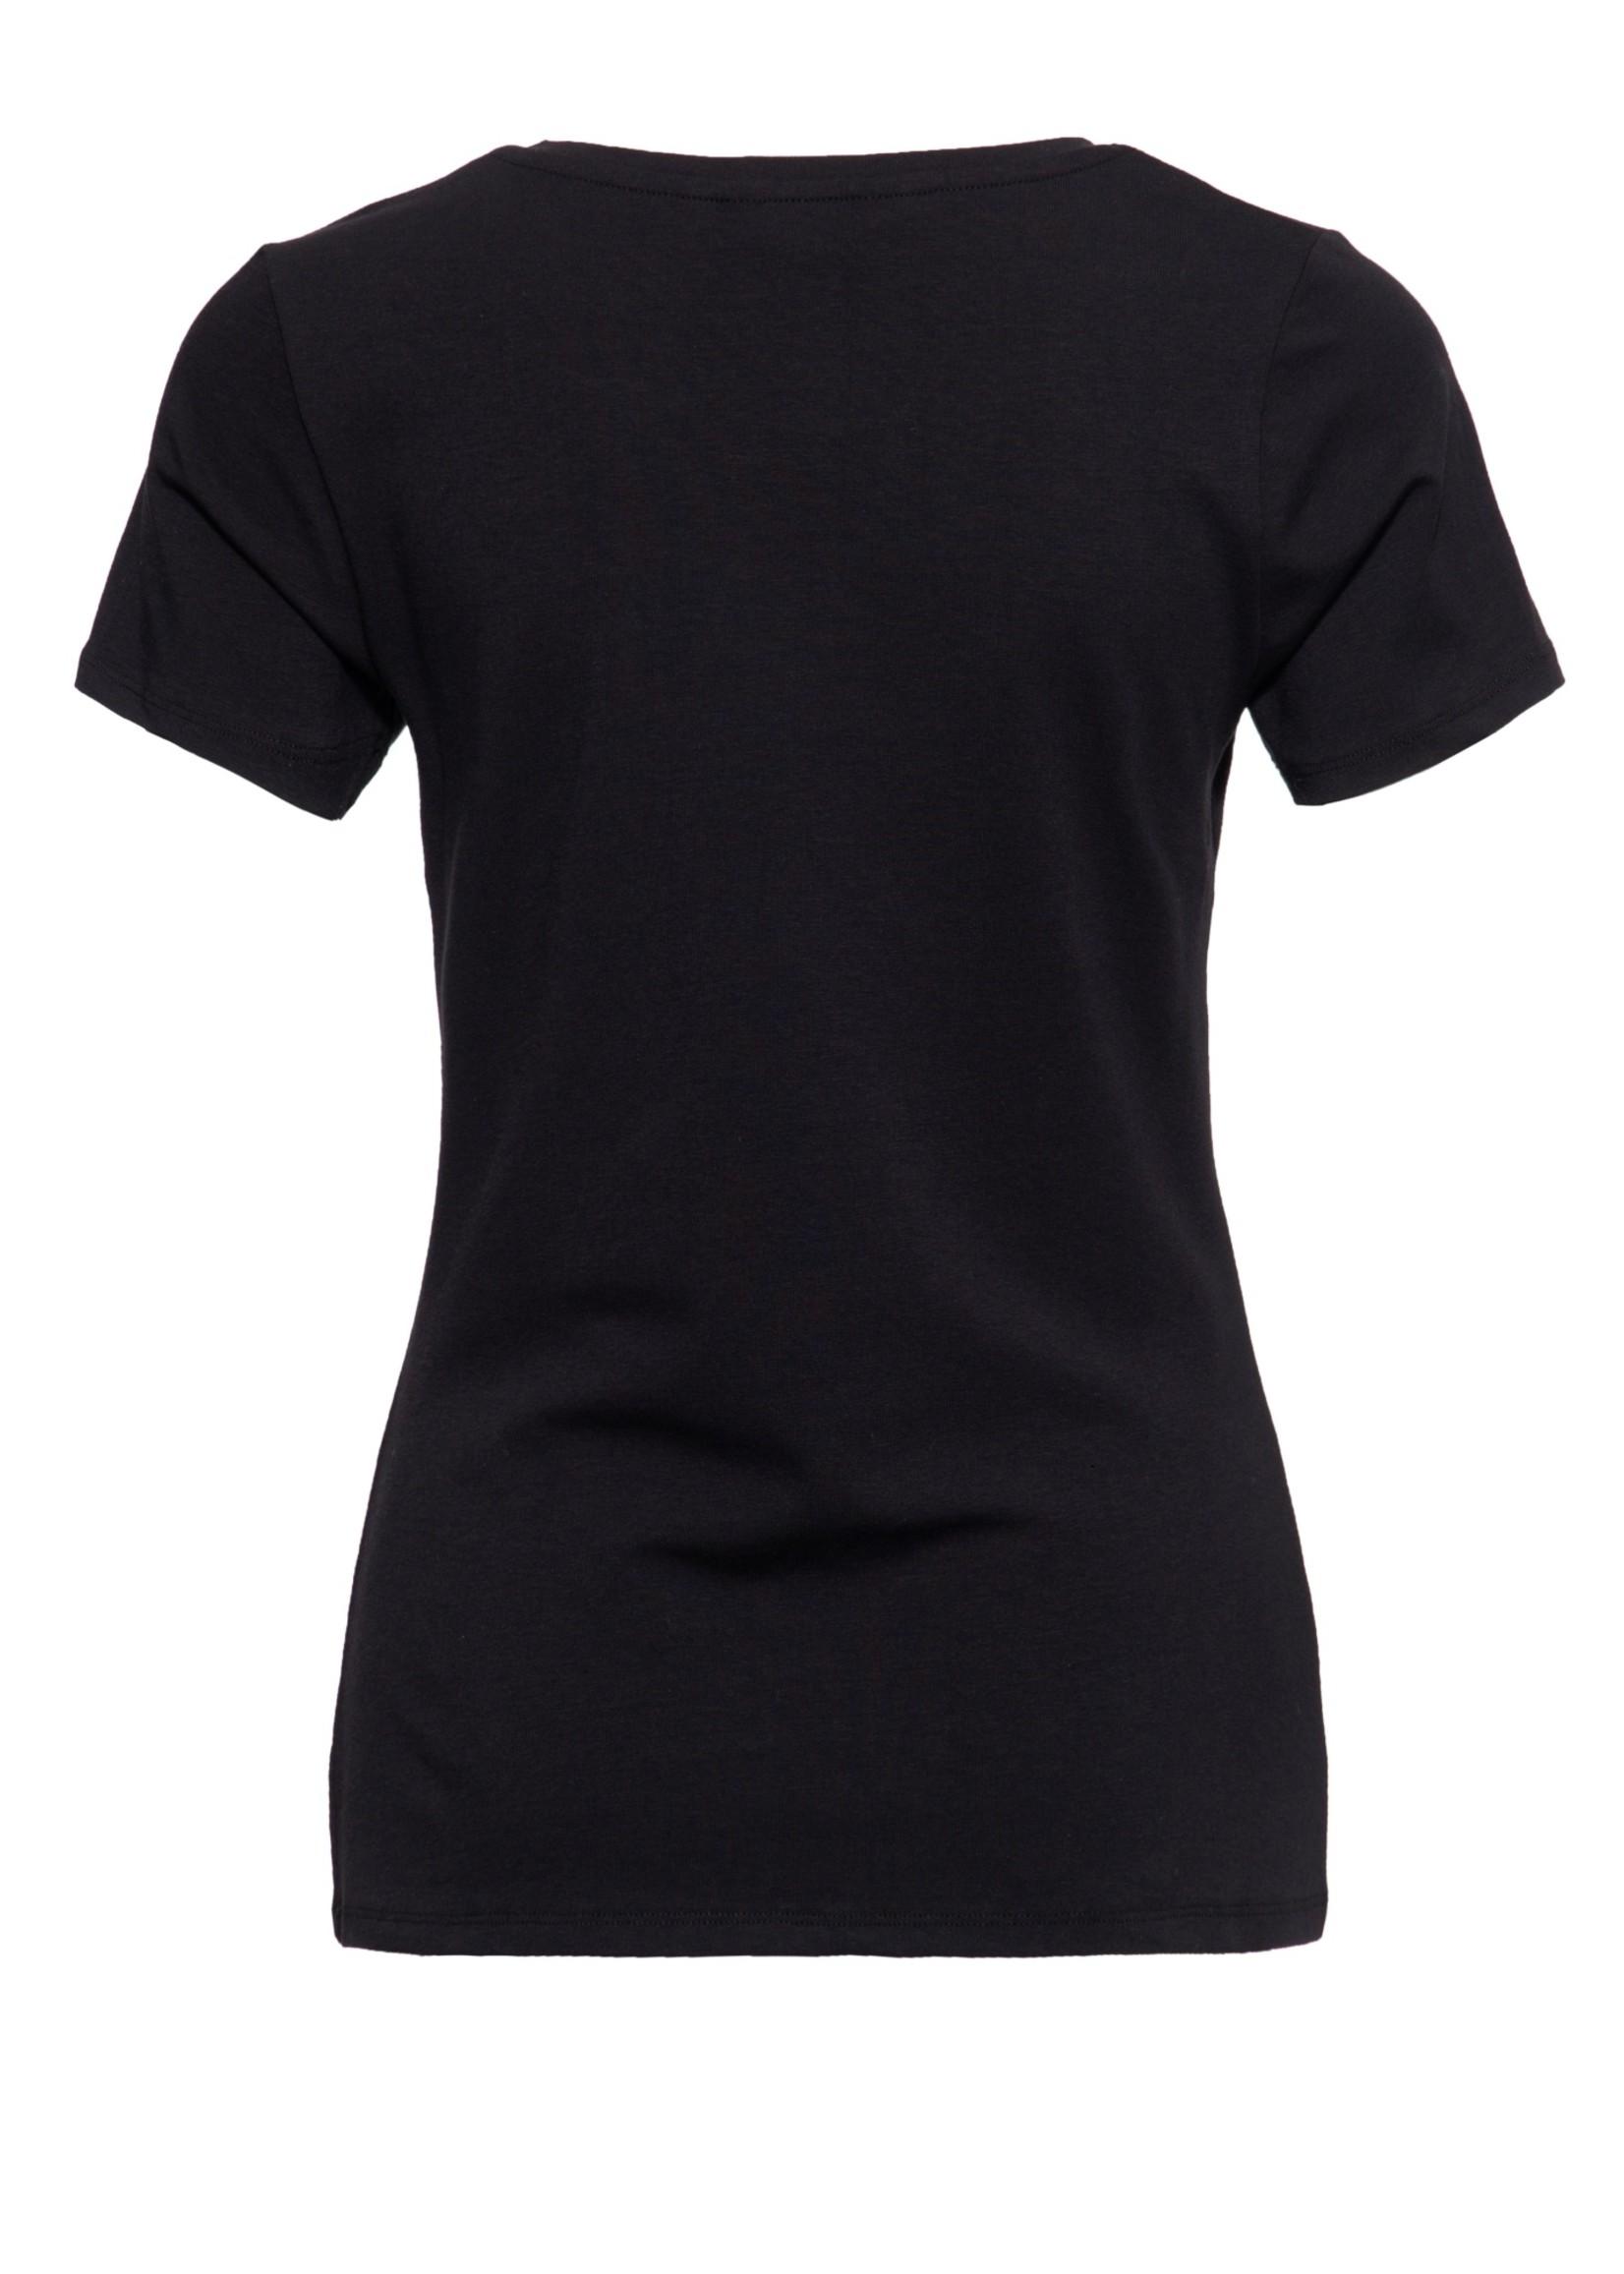 Queen Kerosin Queen Kerosin 50s T-Shirt Girl Gang in Black